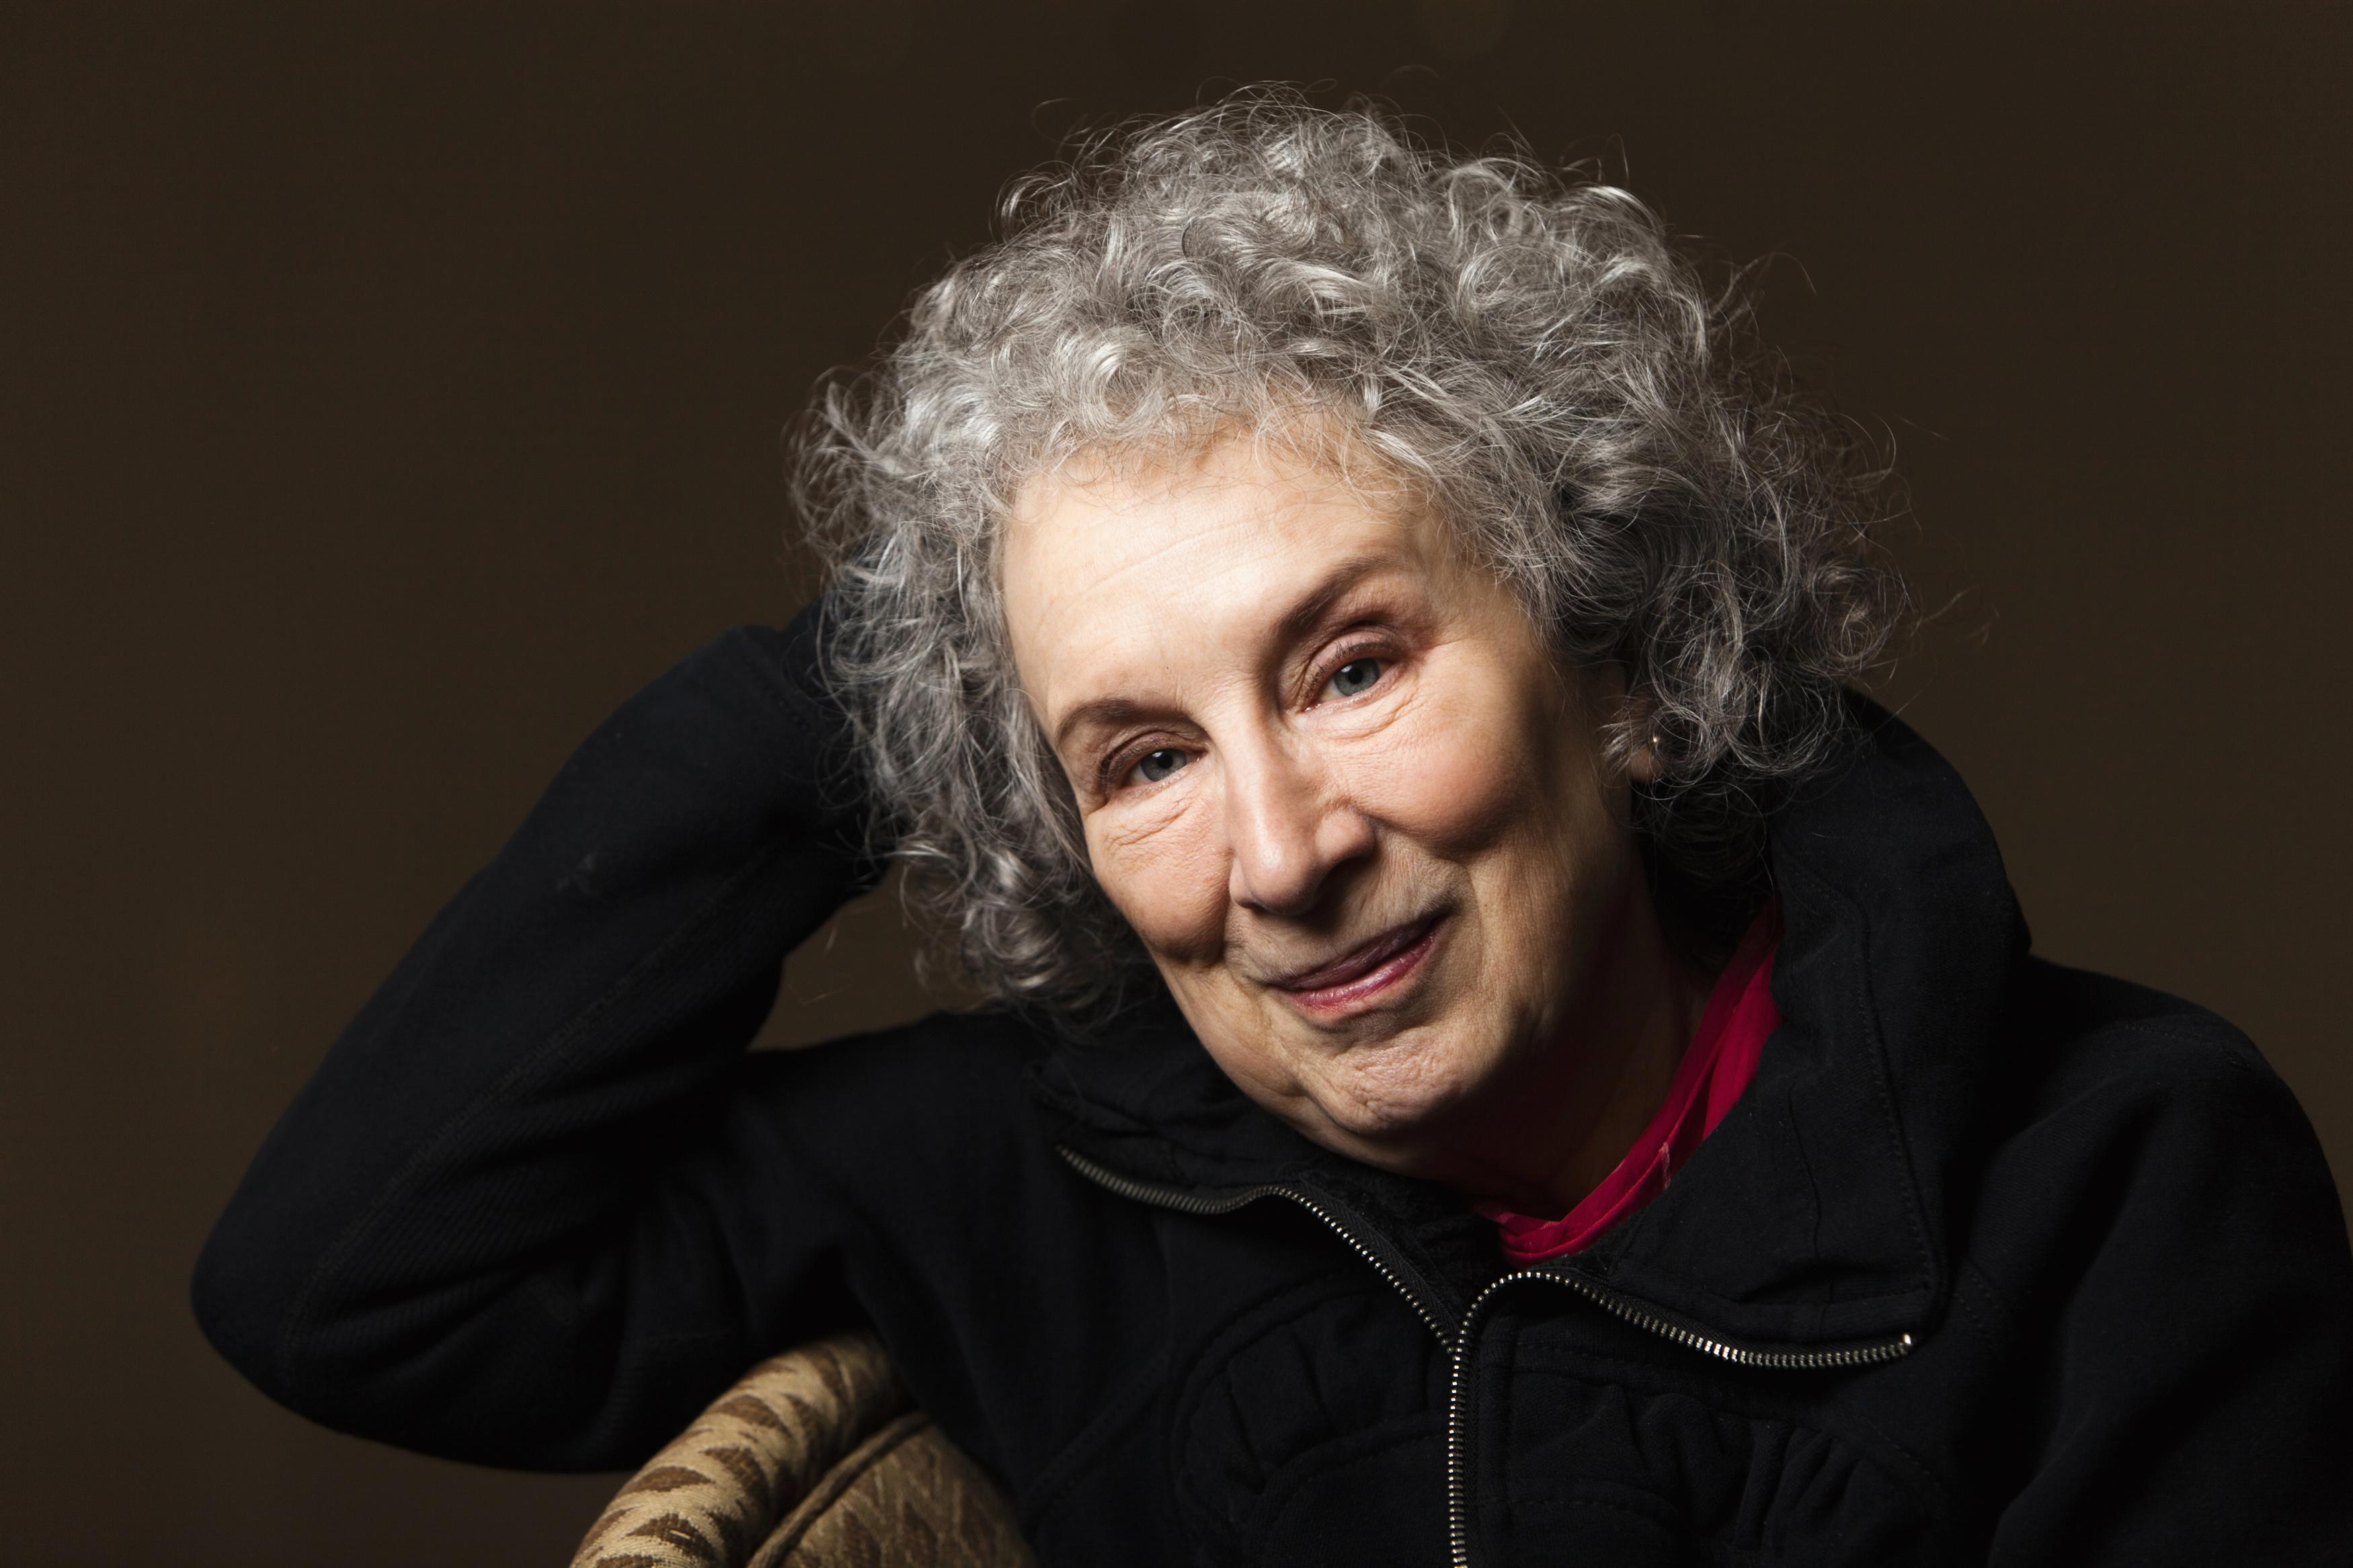 Com 60 livros publicados, a canadense Margaret Atwood começou sua carreira em 1969.